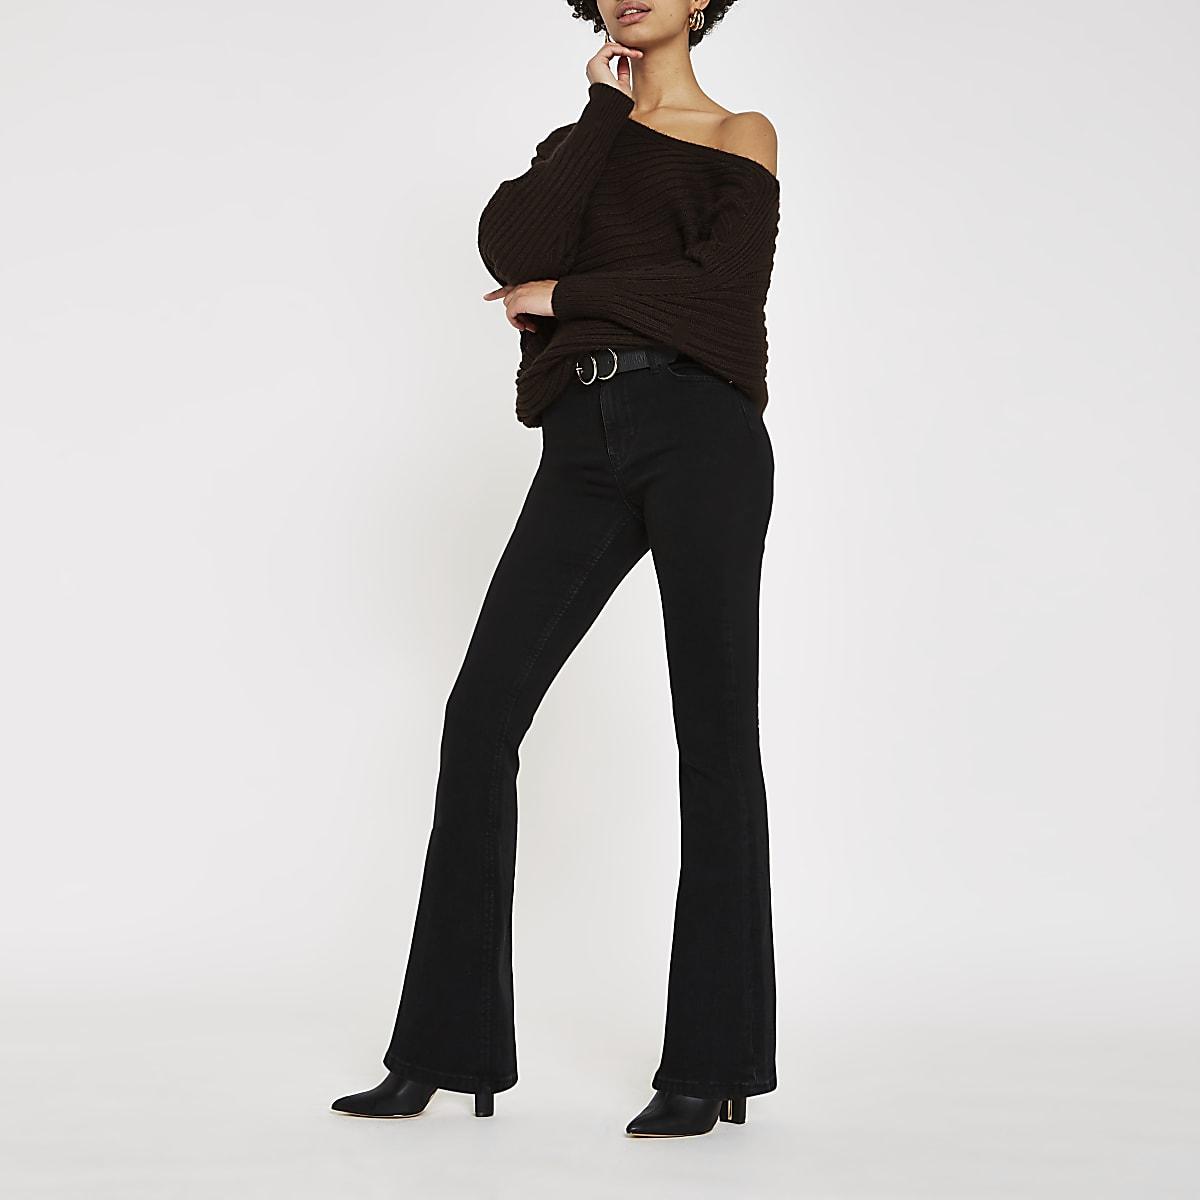 Zwarte wijduitlopende jeans met hoge taille